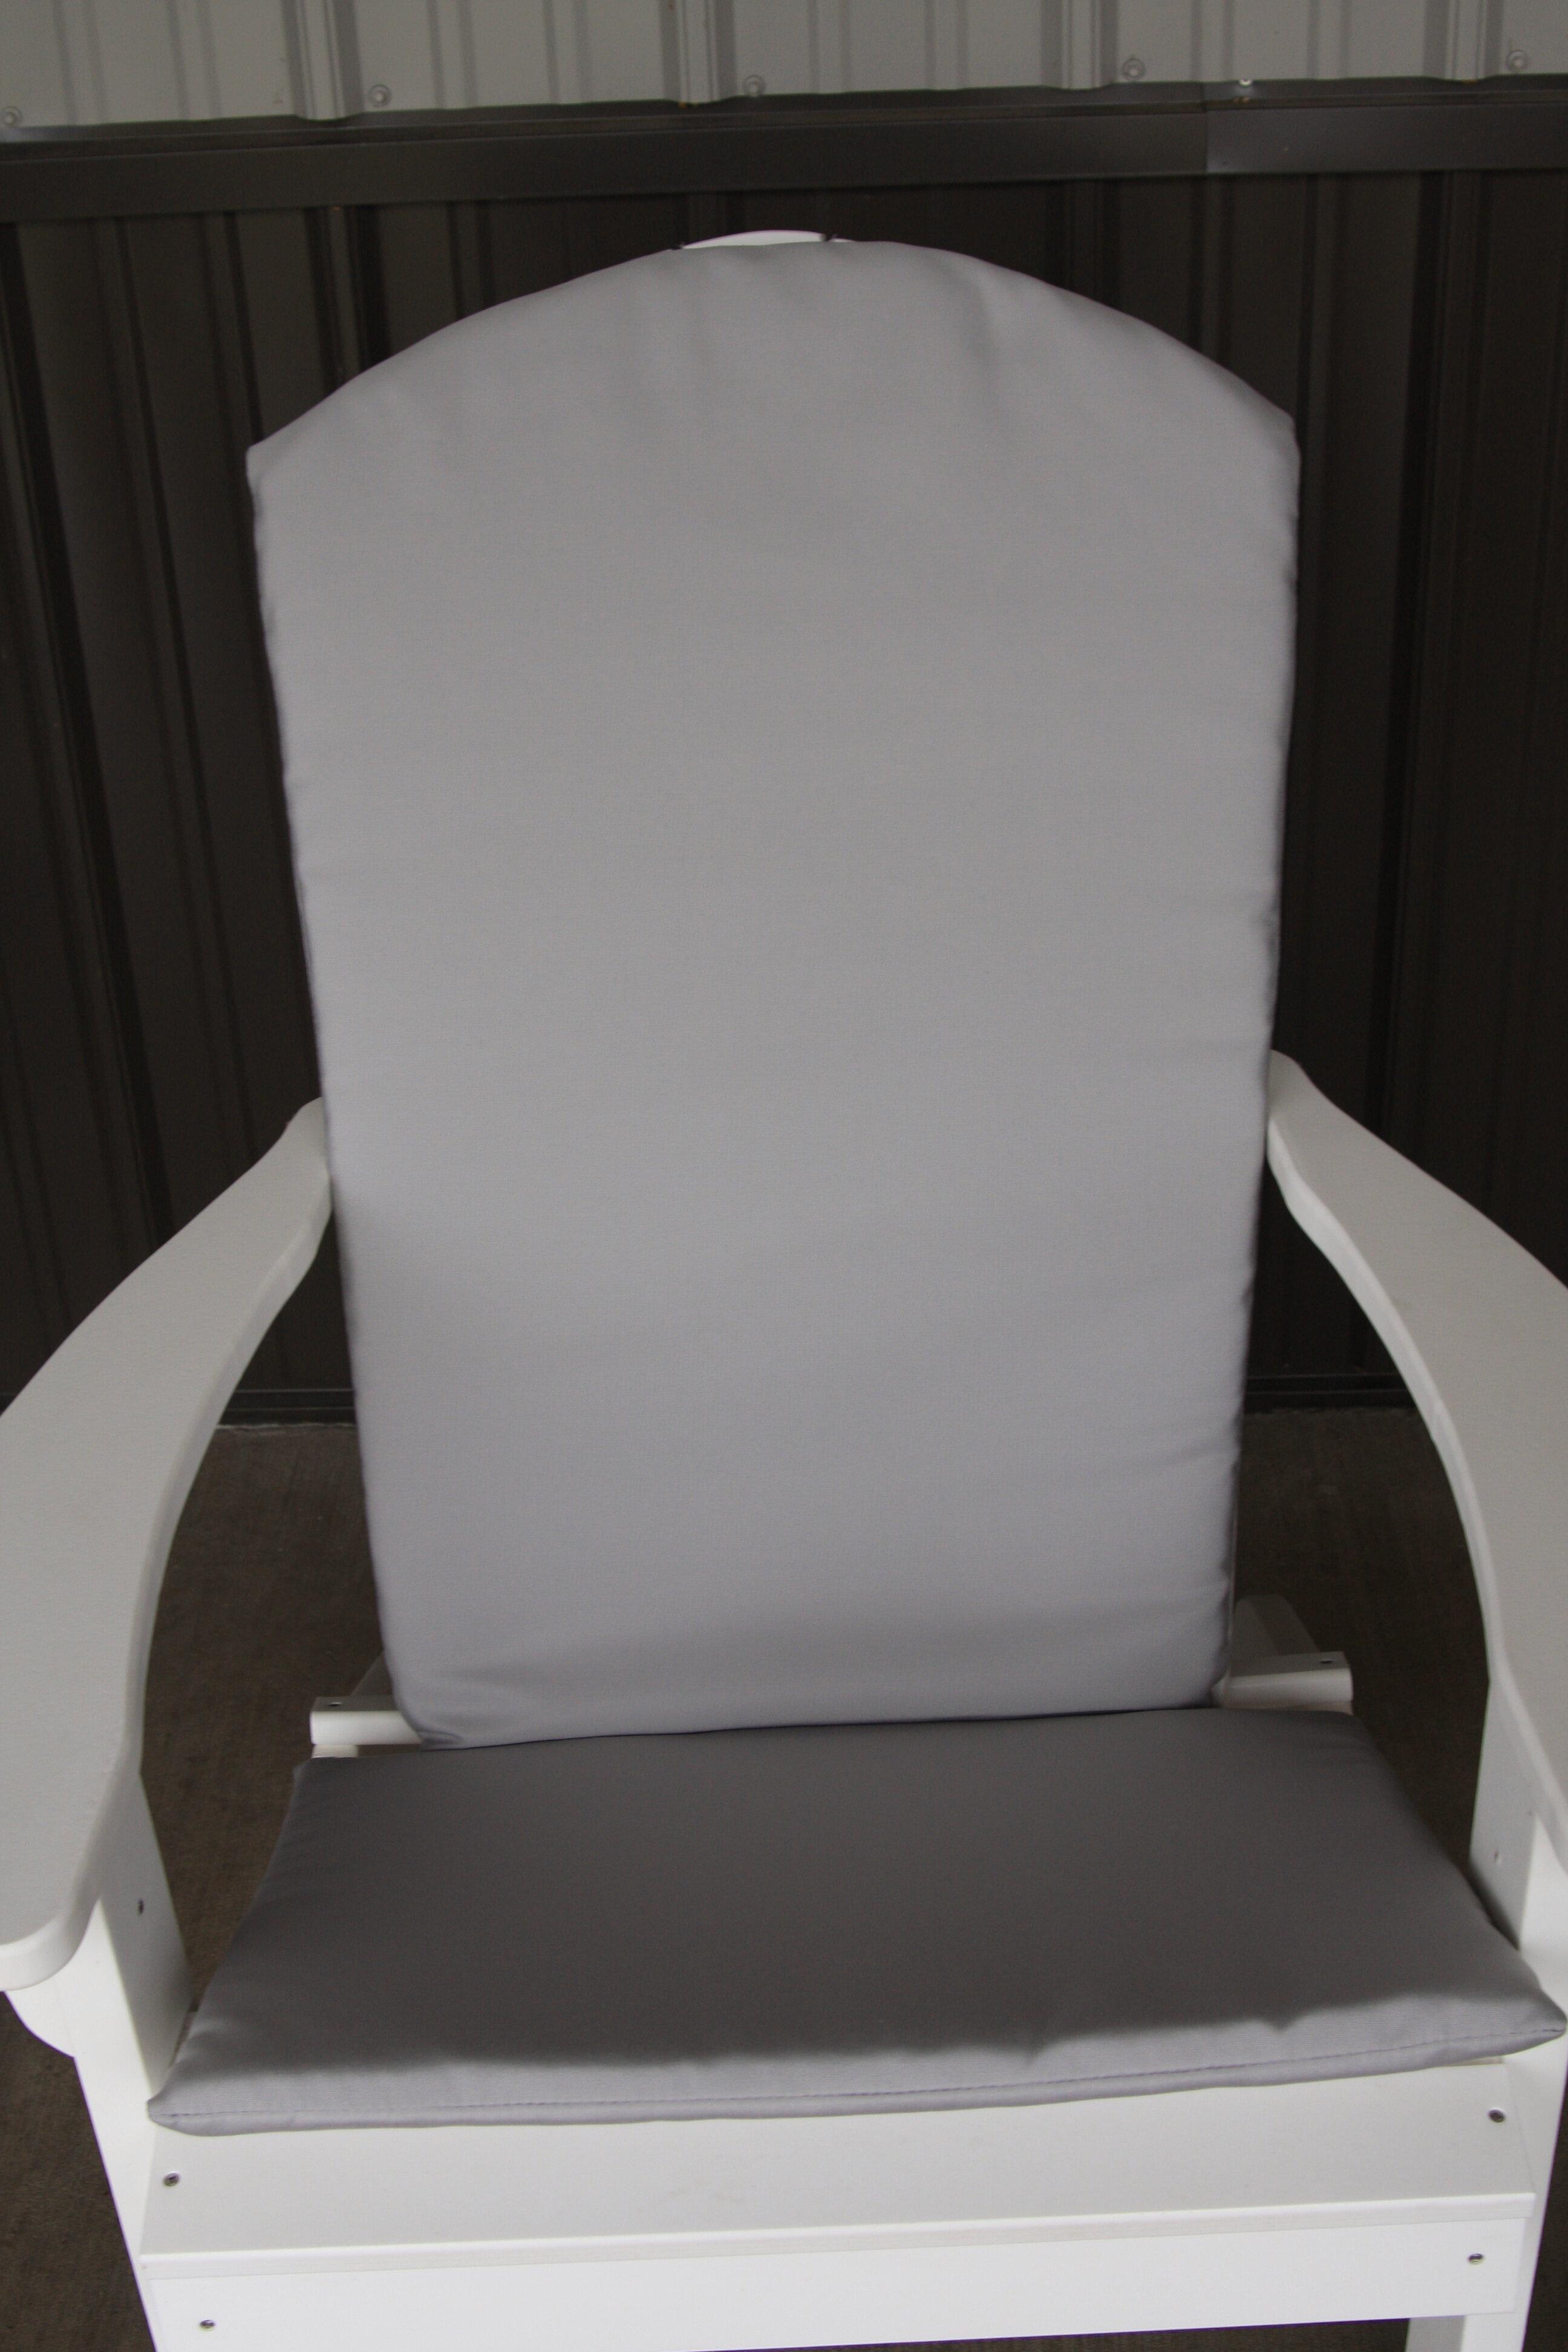 Coussin Pour Fauteuil Adirondack coussin de chaise adirondack intérieur/extérieur agora full